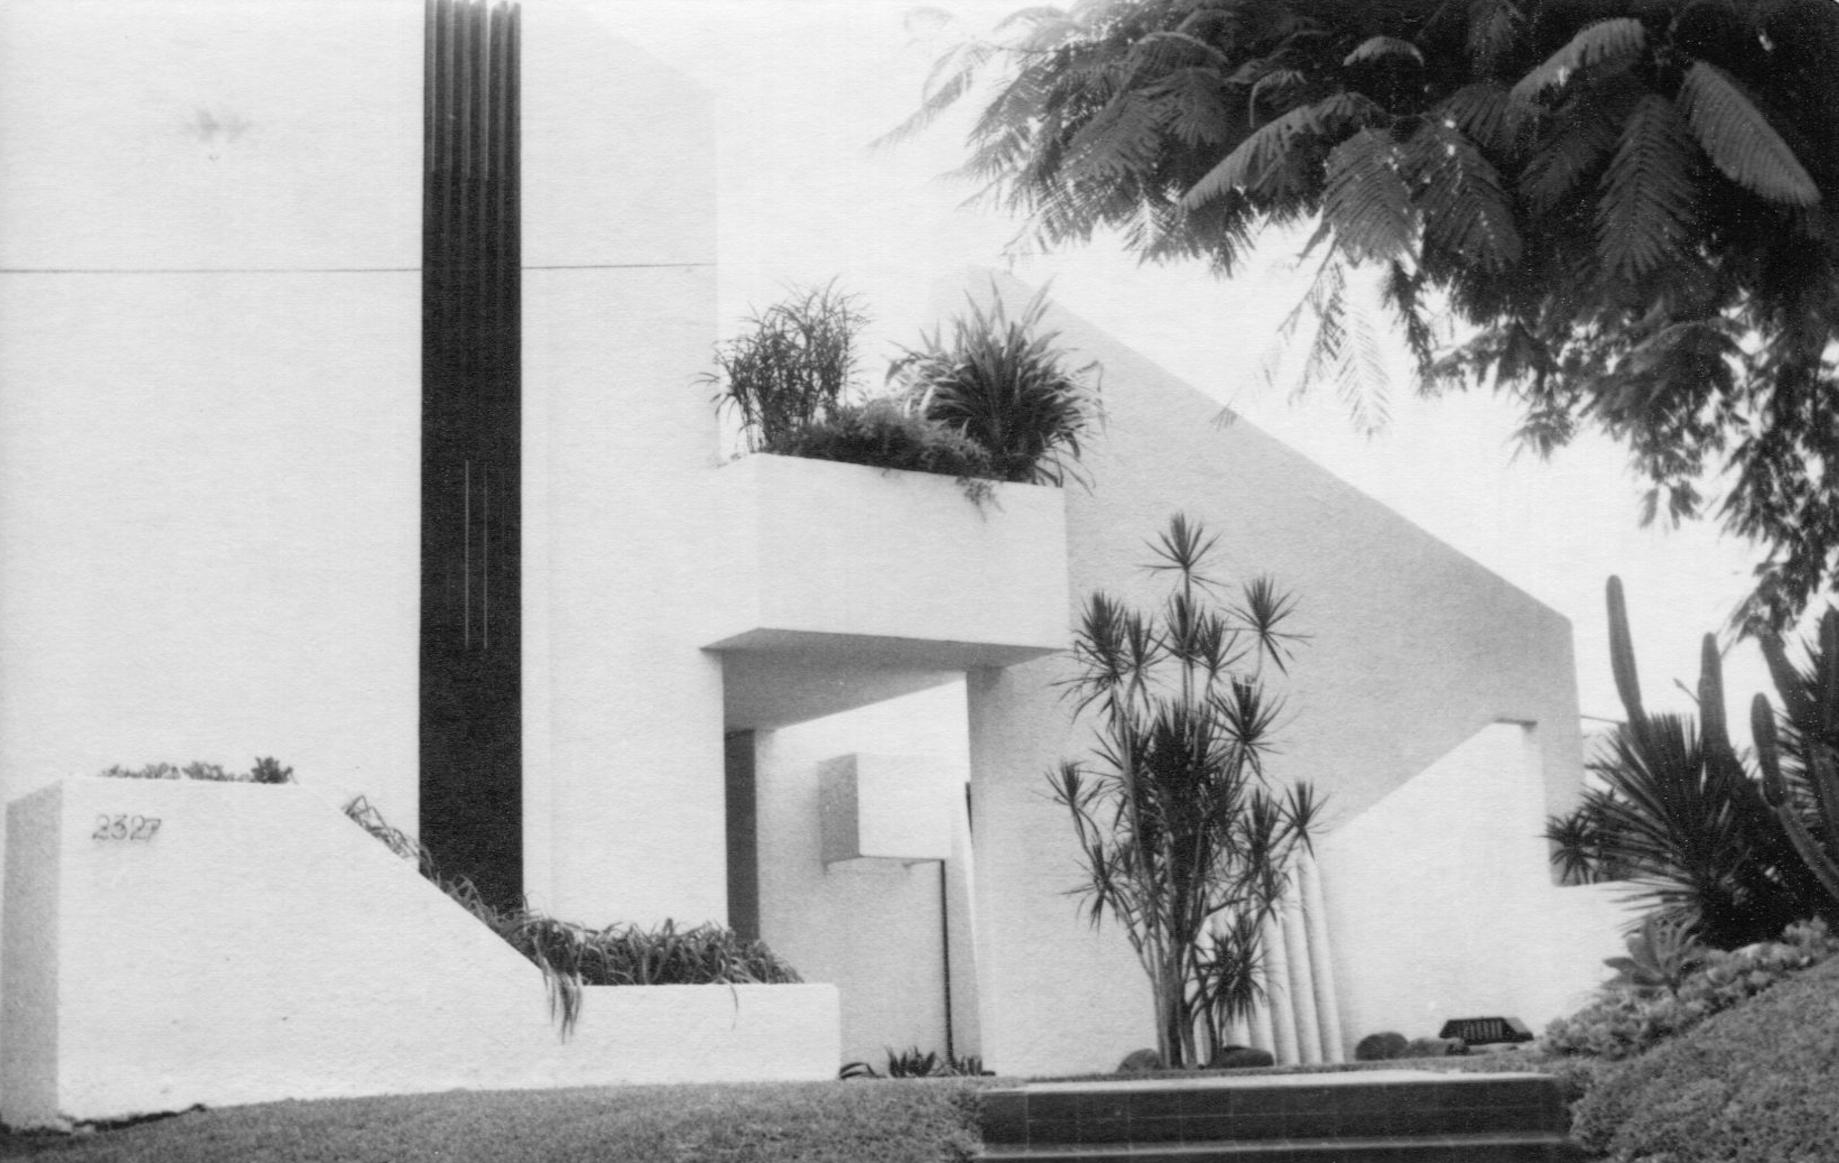 Casa Rivas, ca. 1970. Gentileza CAV/Museo del Barro